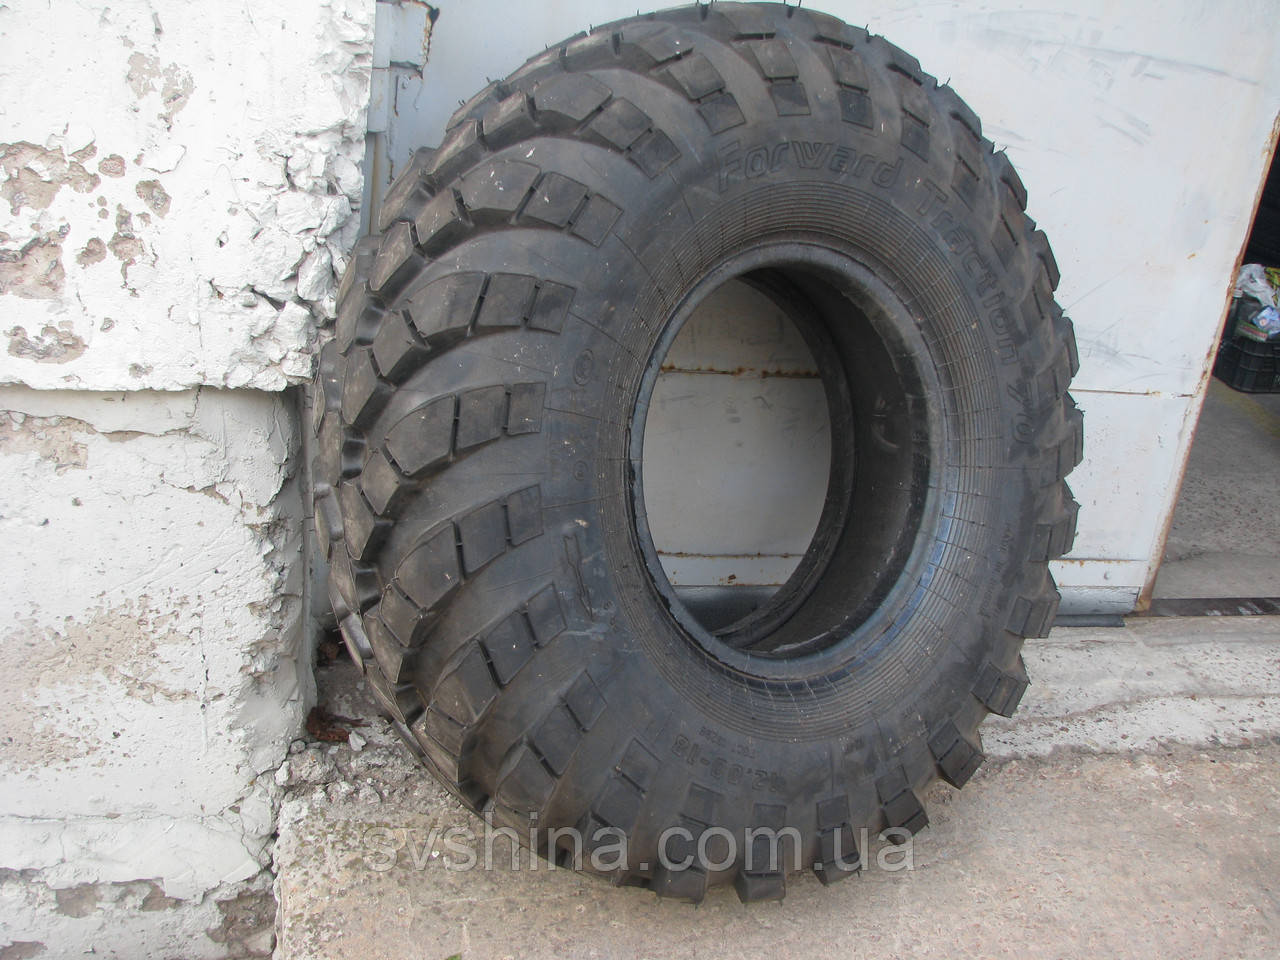 Грузовые шины 12.00-18 (320-457) Armforce, 8 норма слойности с камерой и ободной лентой